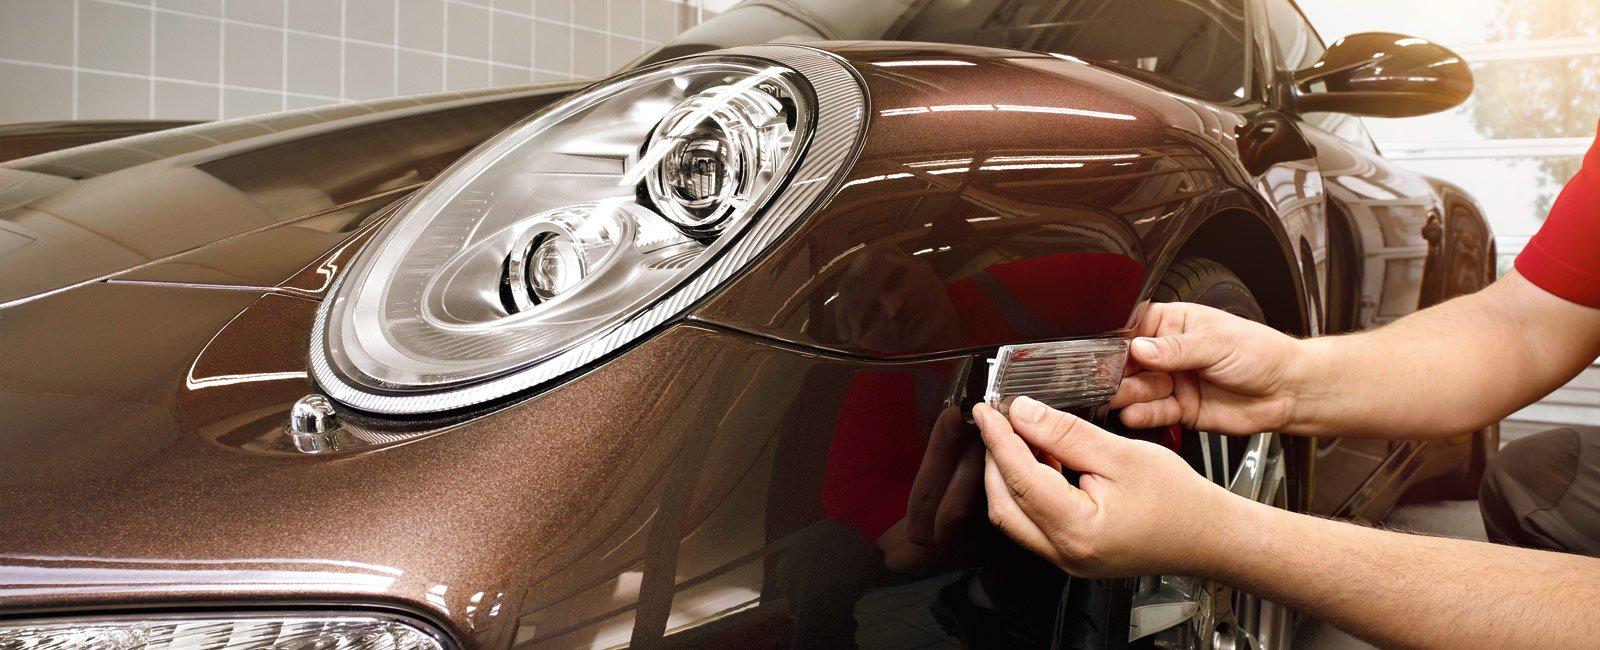 Как Porsche борется с производителями фальшивых деталей?